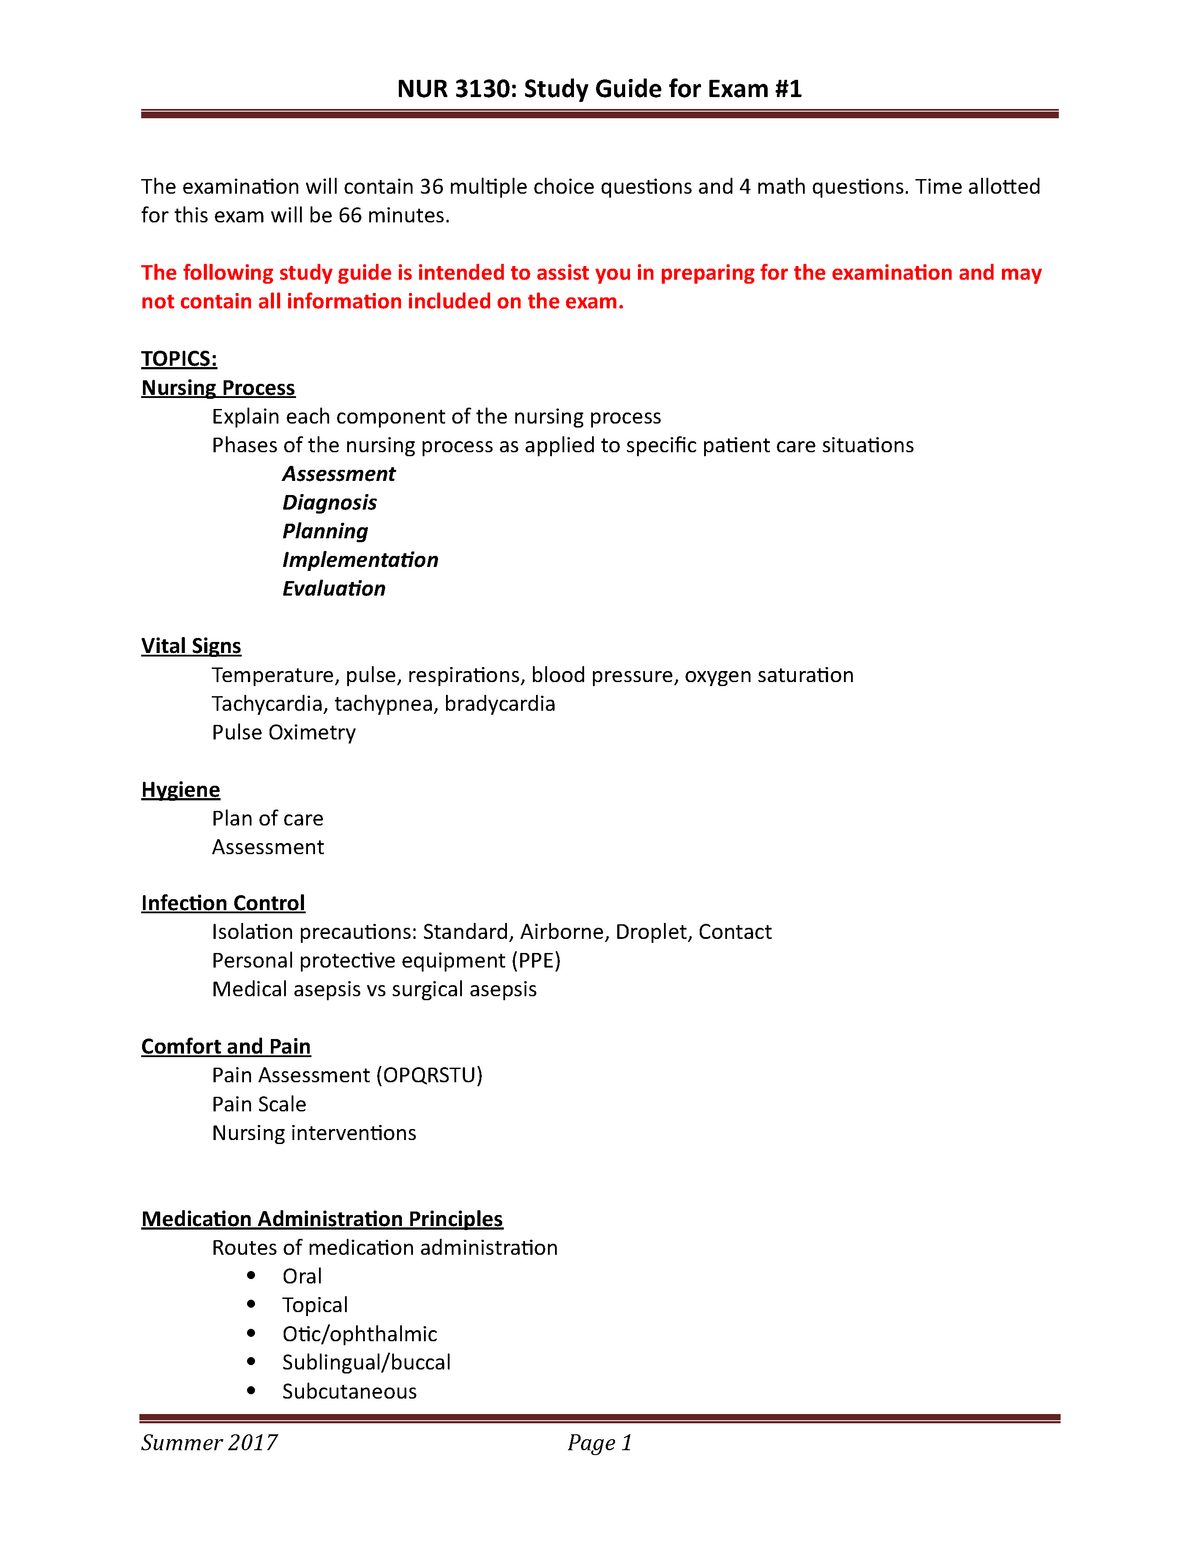 Exam 1 Study Guide - NUR3130 Foundations - NSU - StuDocu